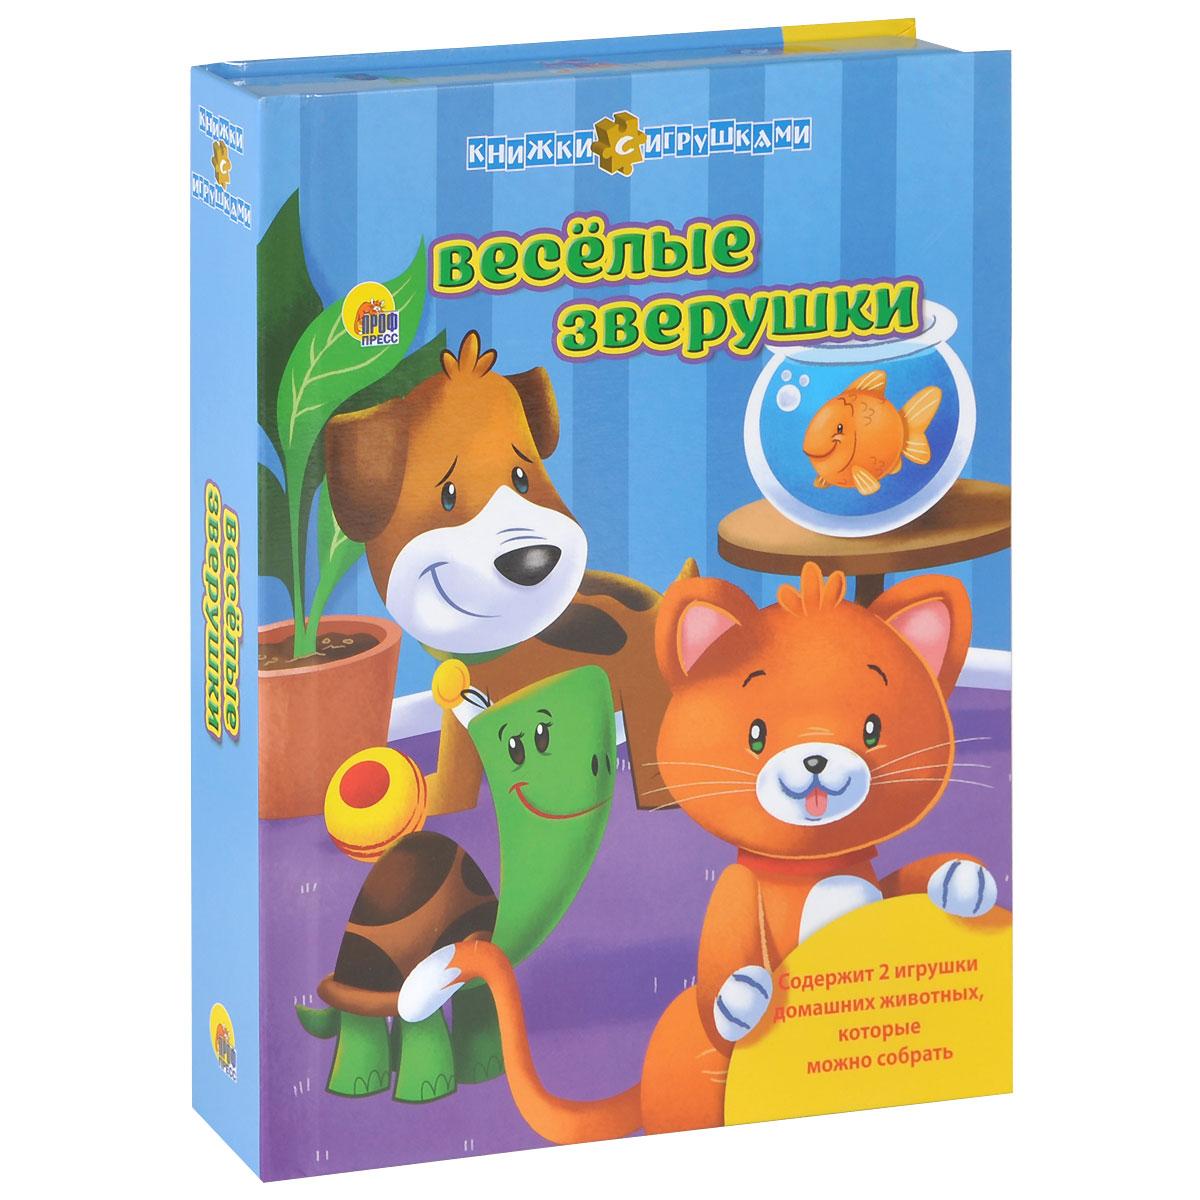 Веселые зверушки (+ игрушки)